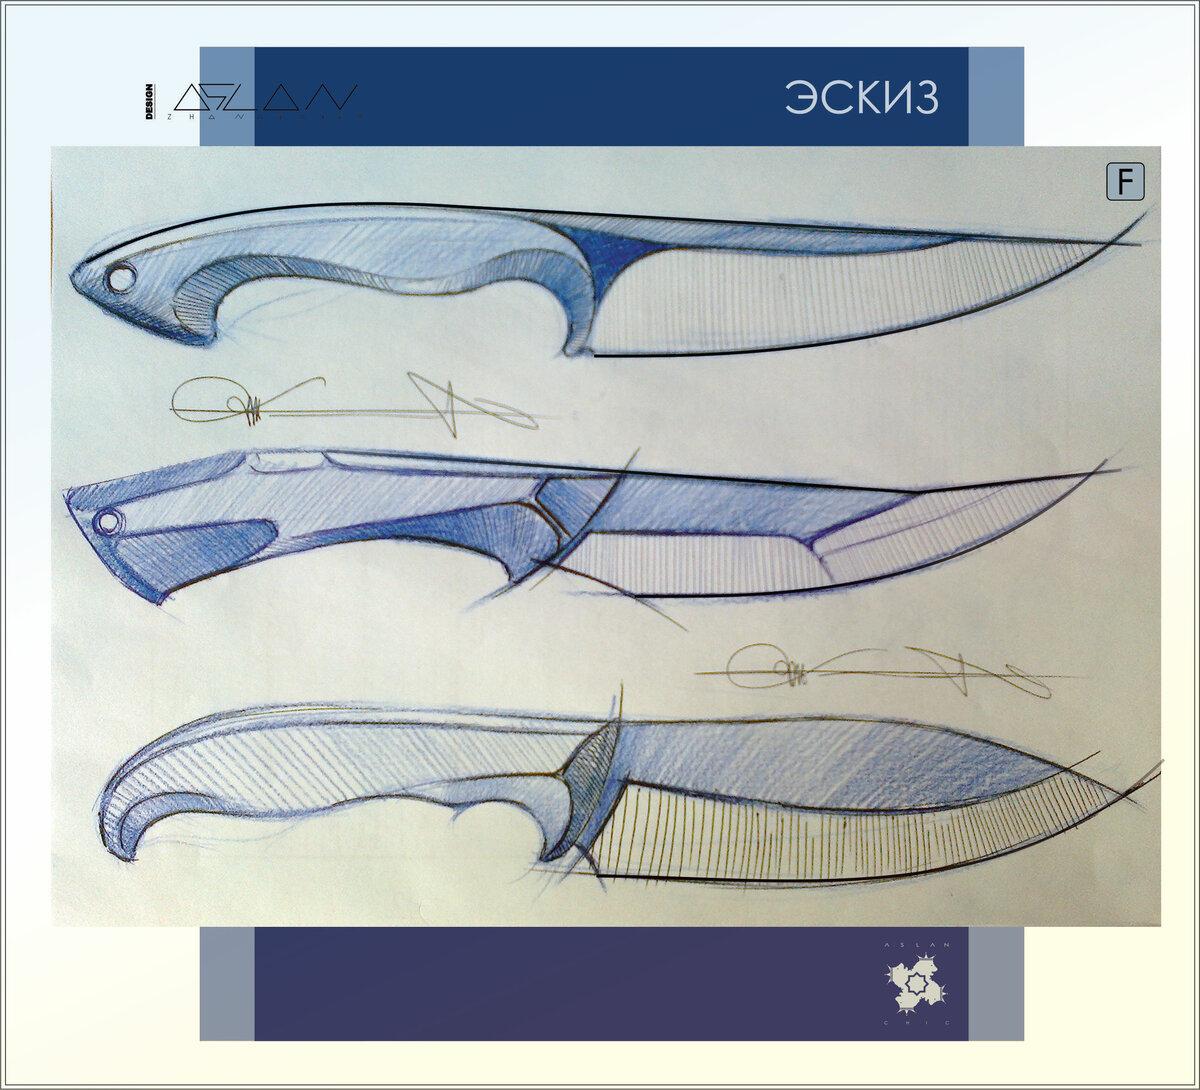 такие форма ножей в картинках картинки когда пукан